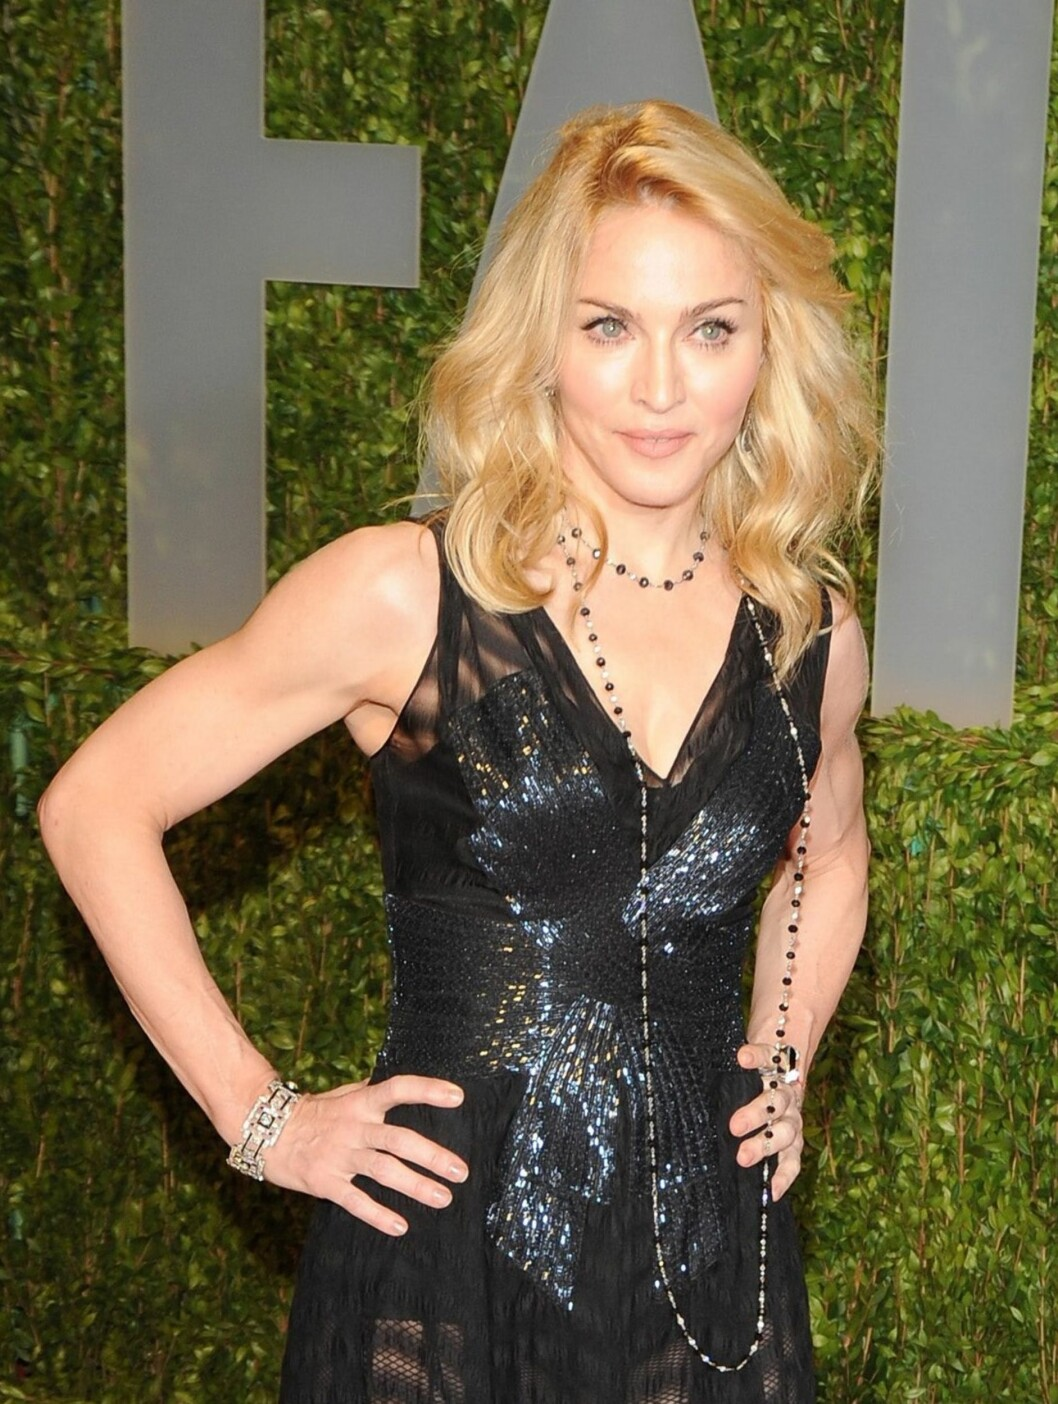 Ingen som ser Madonna tror at hun får denne kroppen av å ligge på sofaen og spise sjokoladeis. Hun trener hver dag, og lever på en streng makrobiotisk diett med mye fullkorn og grønnsaker. Hun rører ikke rødt kjøtt eller kylling. Hun spisr heller aldri mat som er kunstig eller naturlig søtet, og ligger unna honning, sjokolade og alt sukker.  Foto: All Over Press